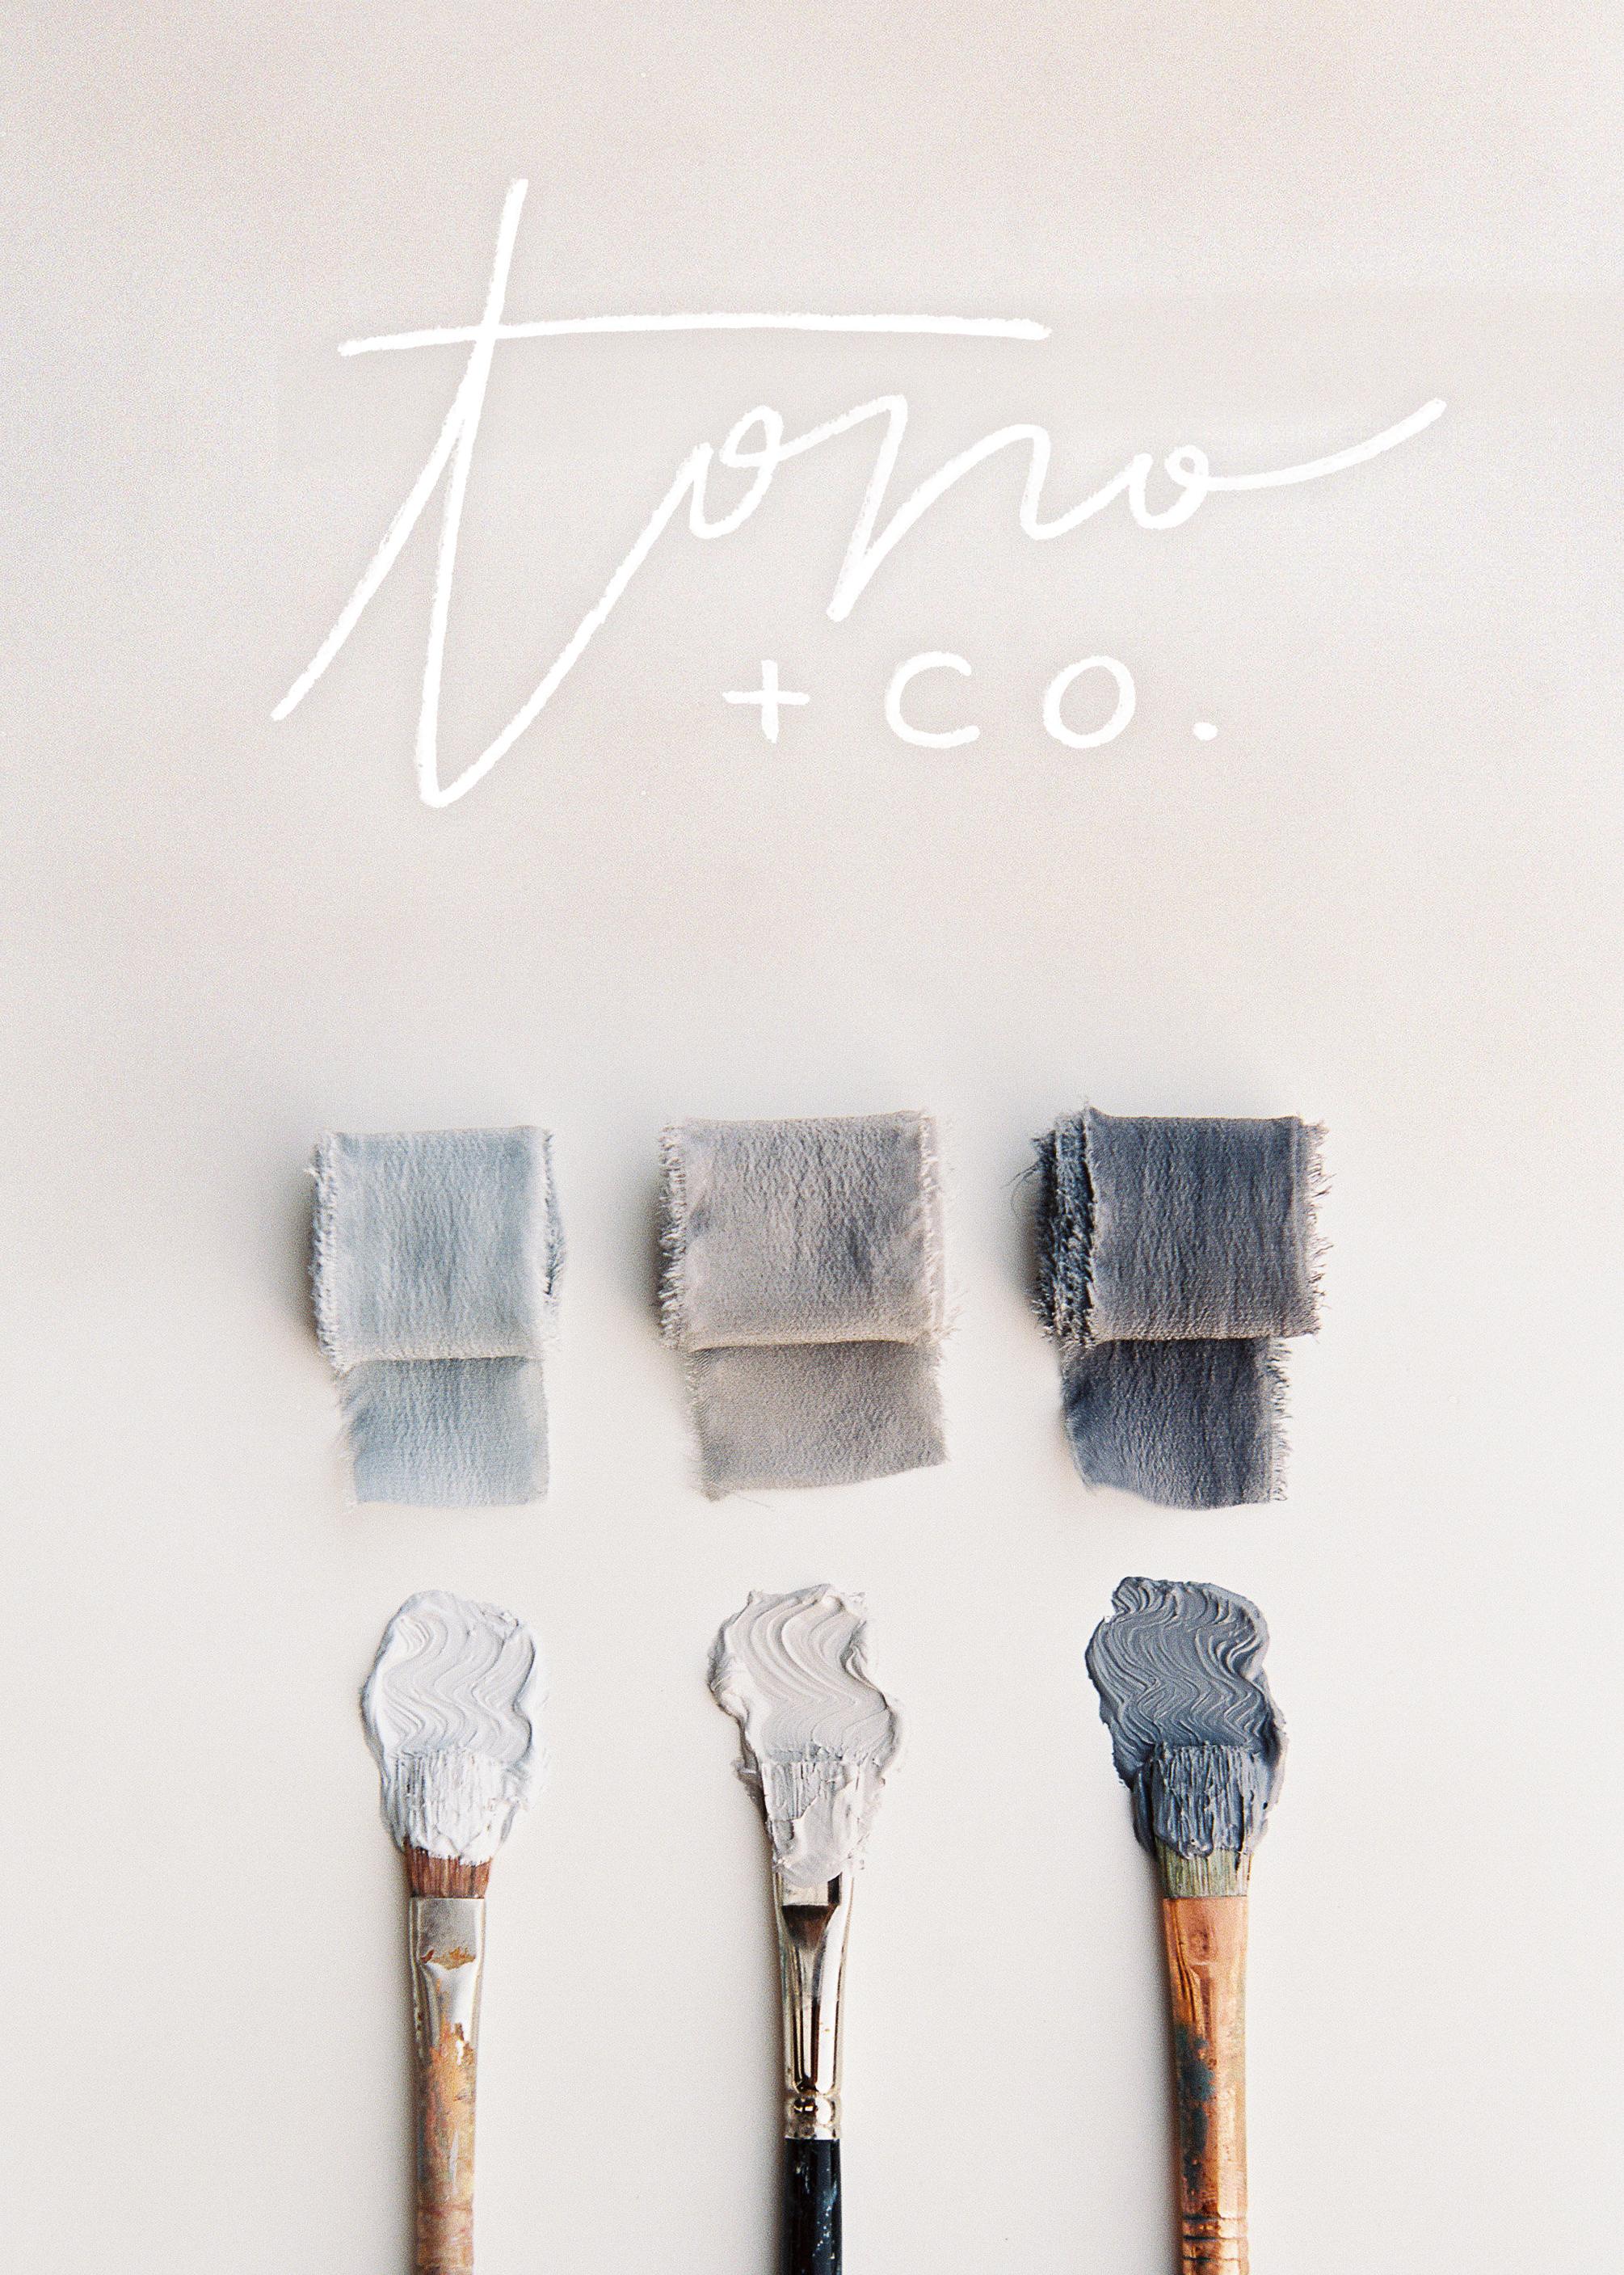 Tono + Co.